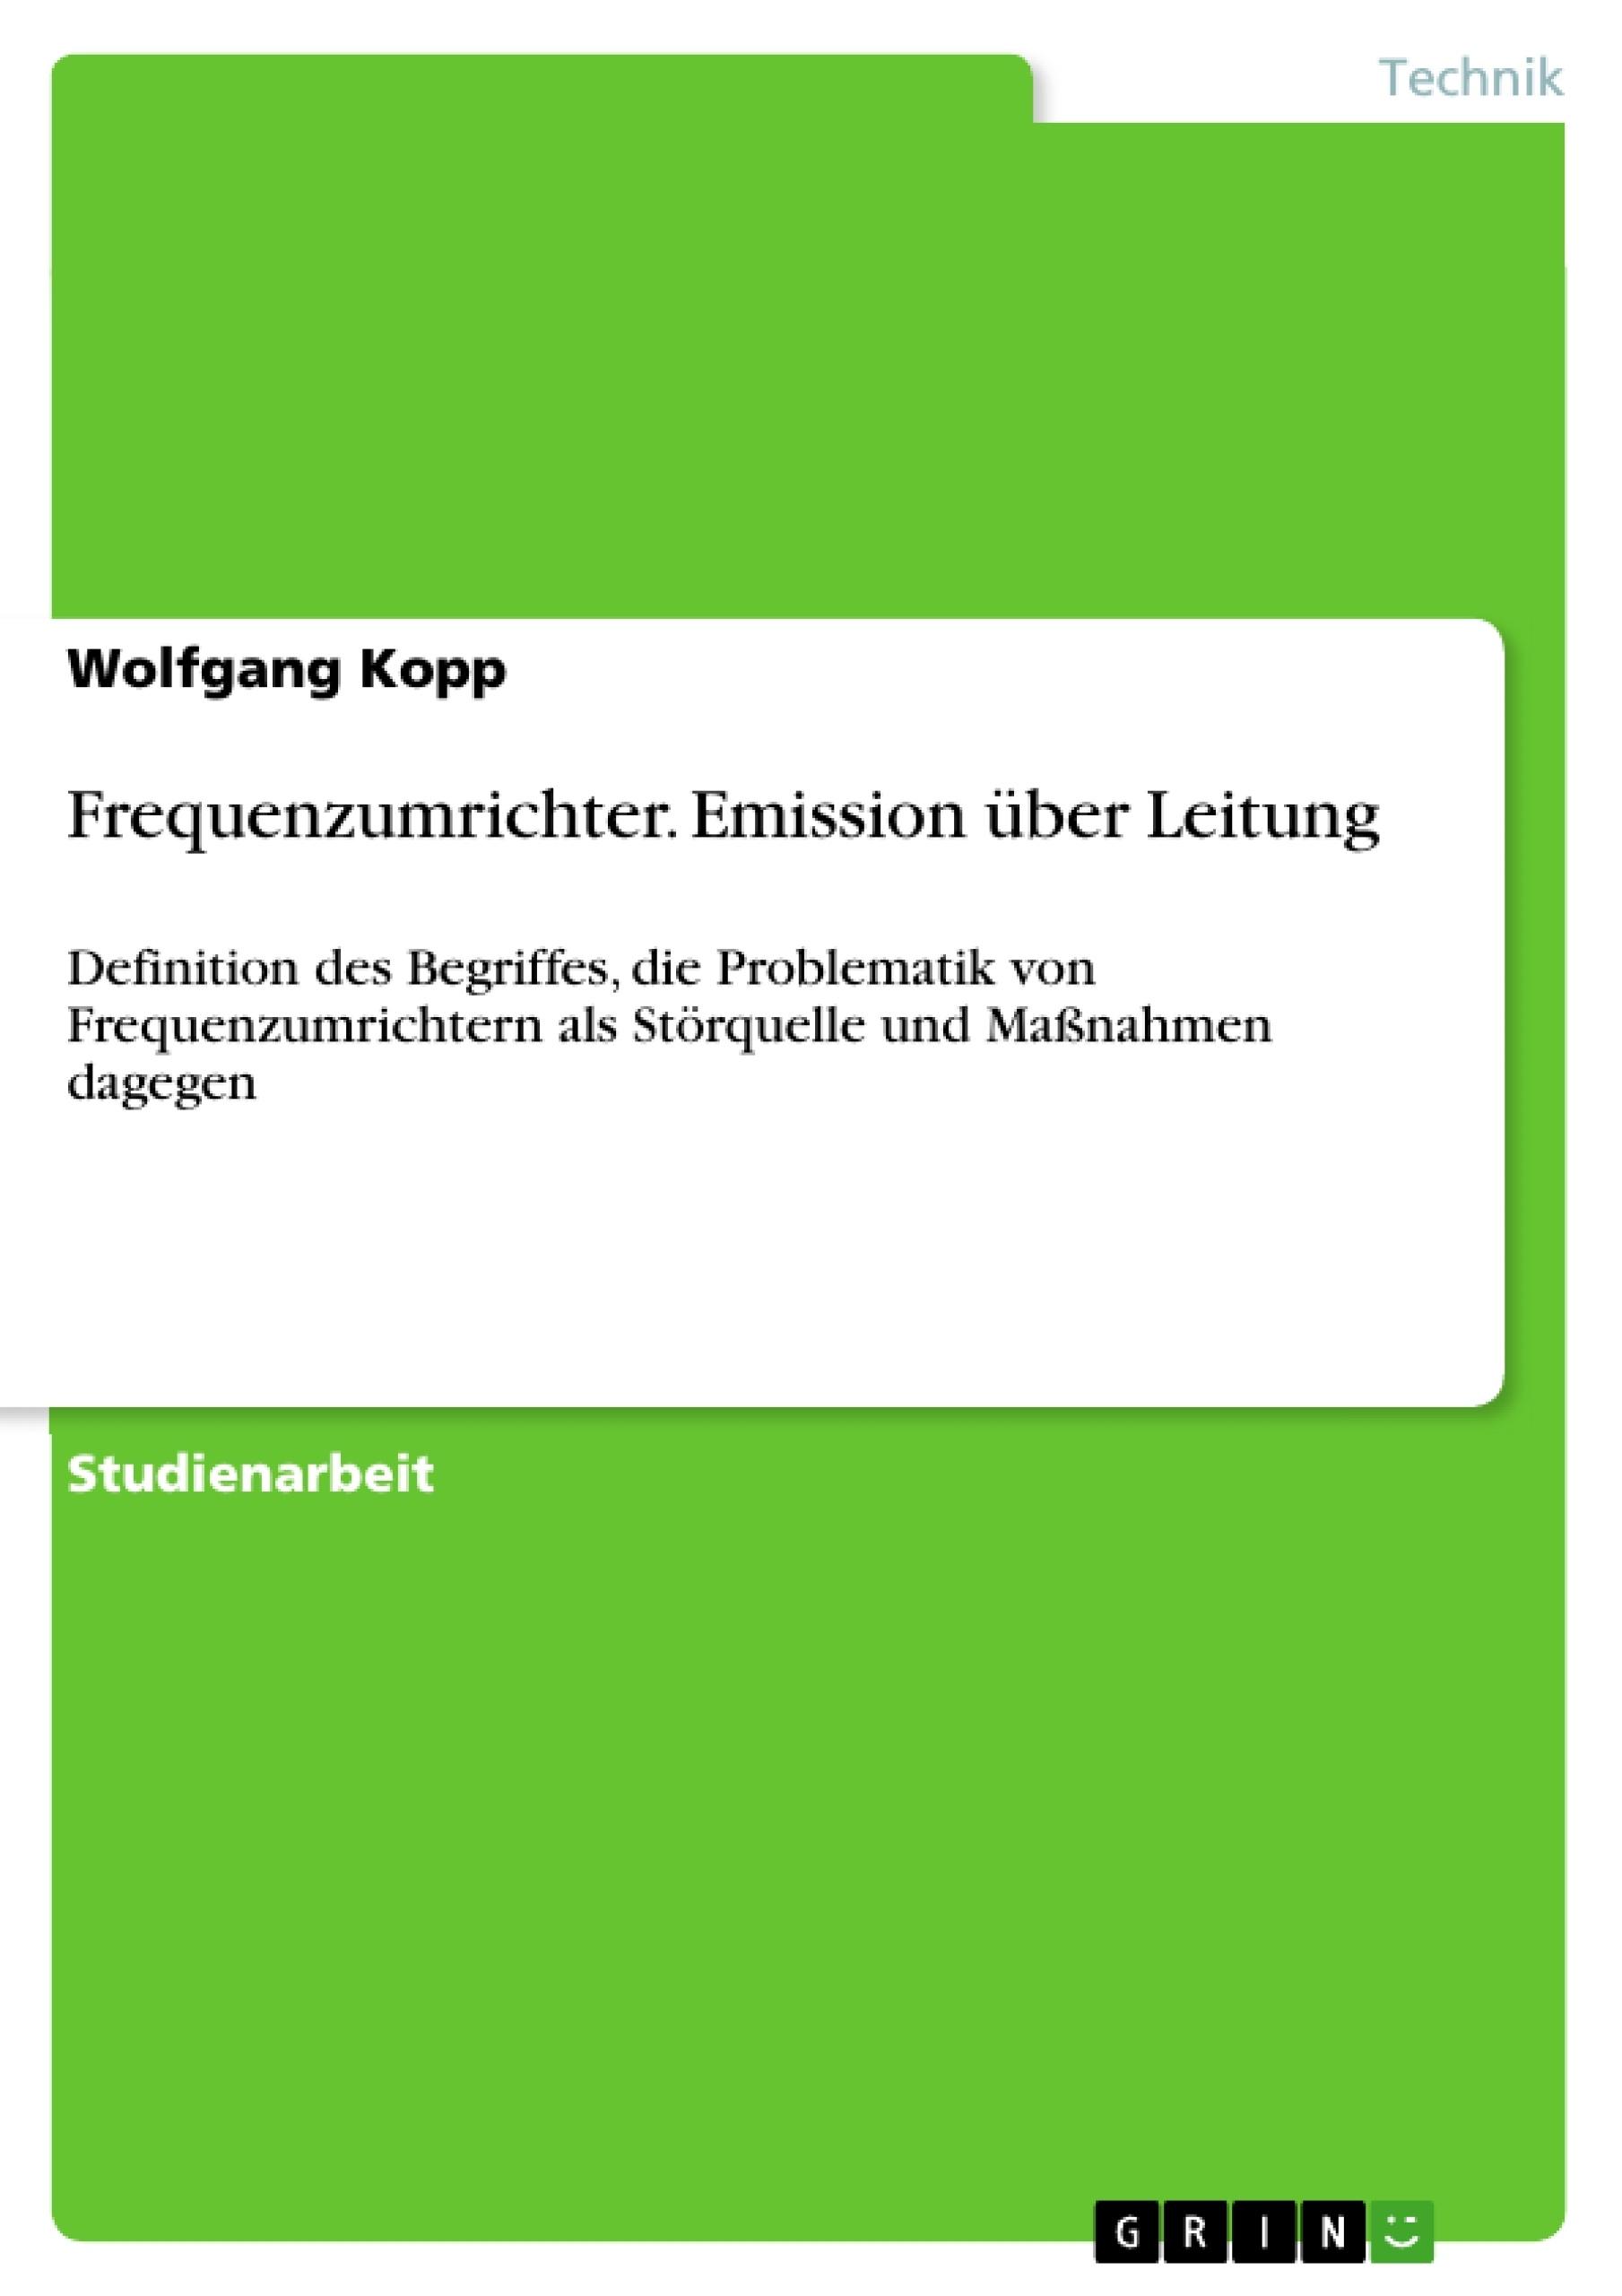 Titel: Frequenzumrichter. Emission über Leitung